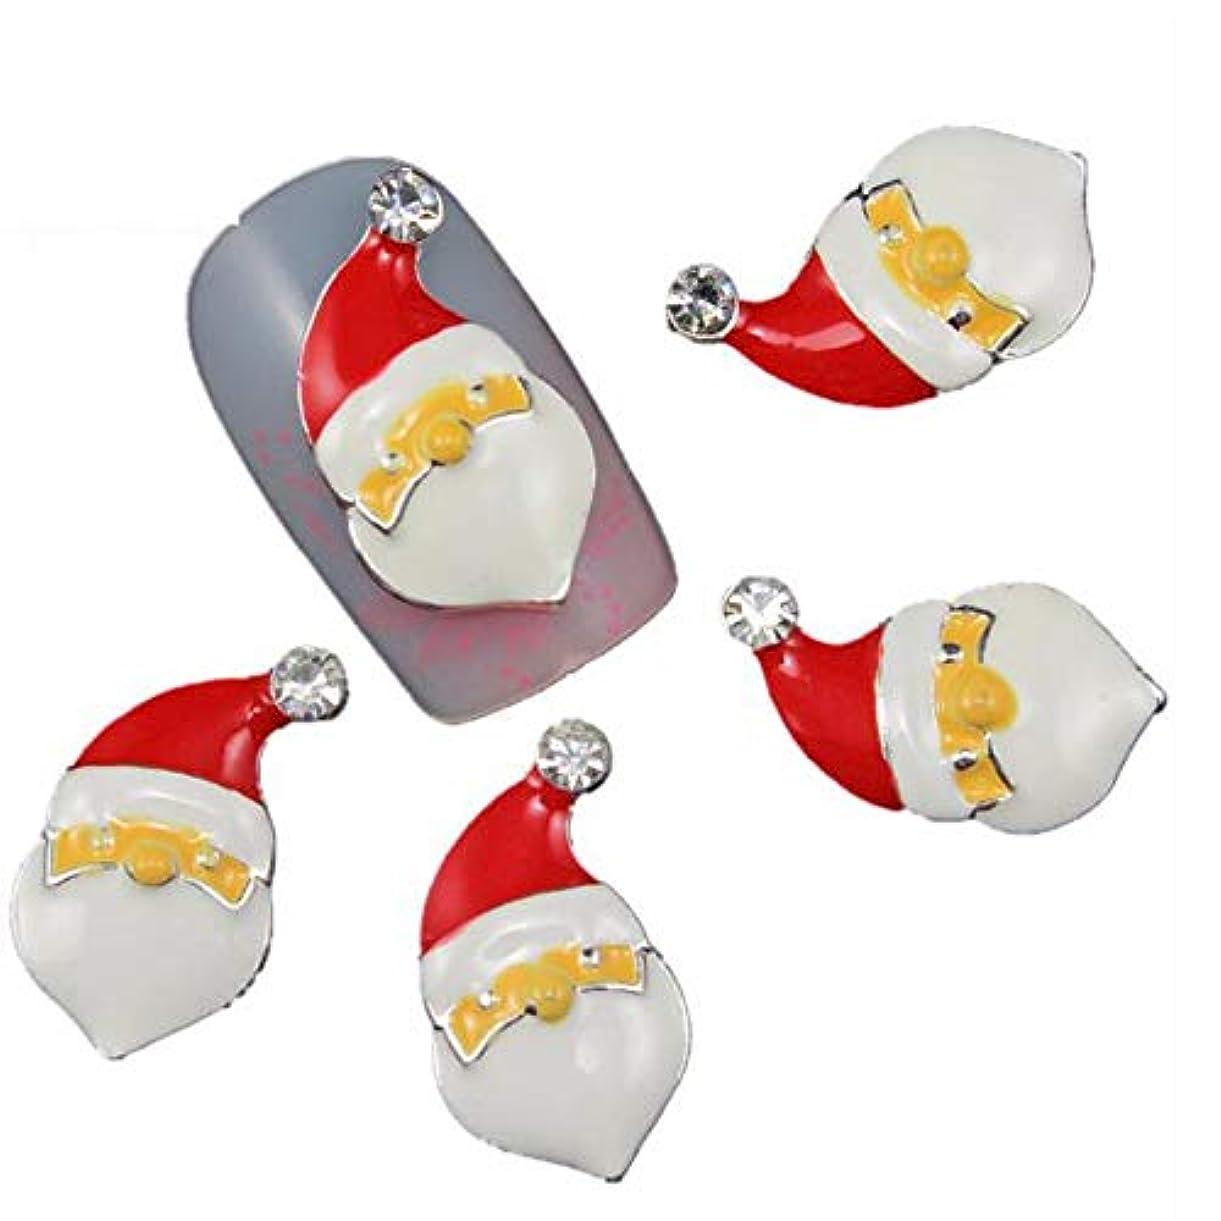 強制範囲ボックスチャームの釘のために10個/ロット3Dクリスマスネイルアートクラシックサンタクロースデザインマニキュアの装飾のクリスタルラインストーン